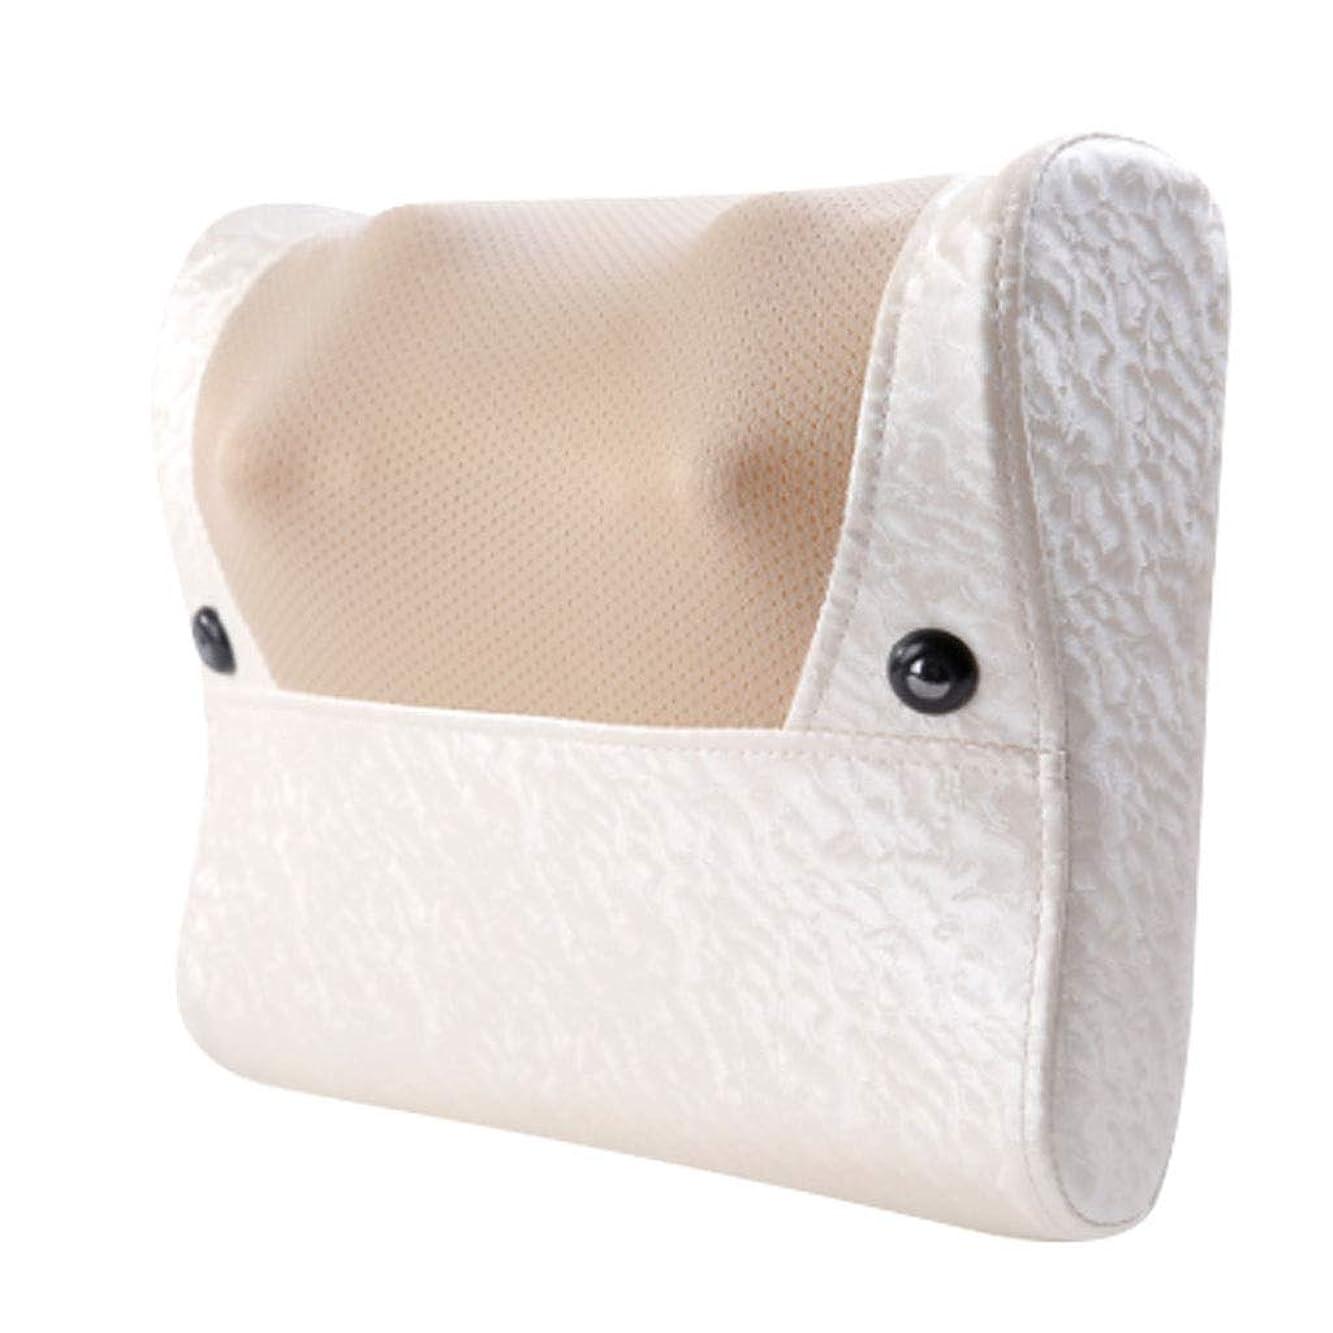 ウサギ粗いマウンド8Dネックマッサージャー - 家庭用電動多機能ボディマッサージ、カーパッド、首、肩、腰、脚マッサージ。